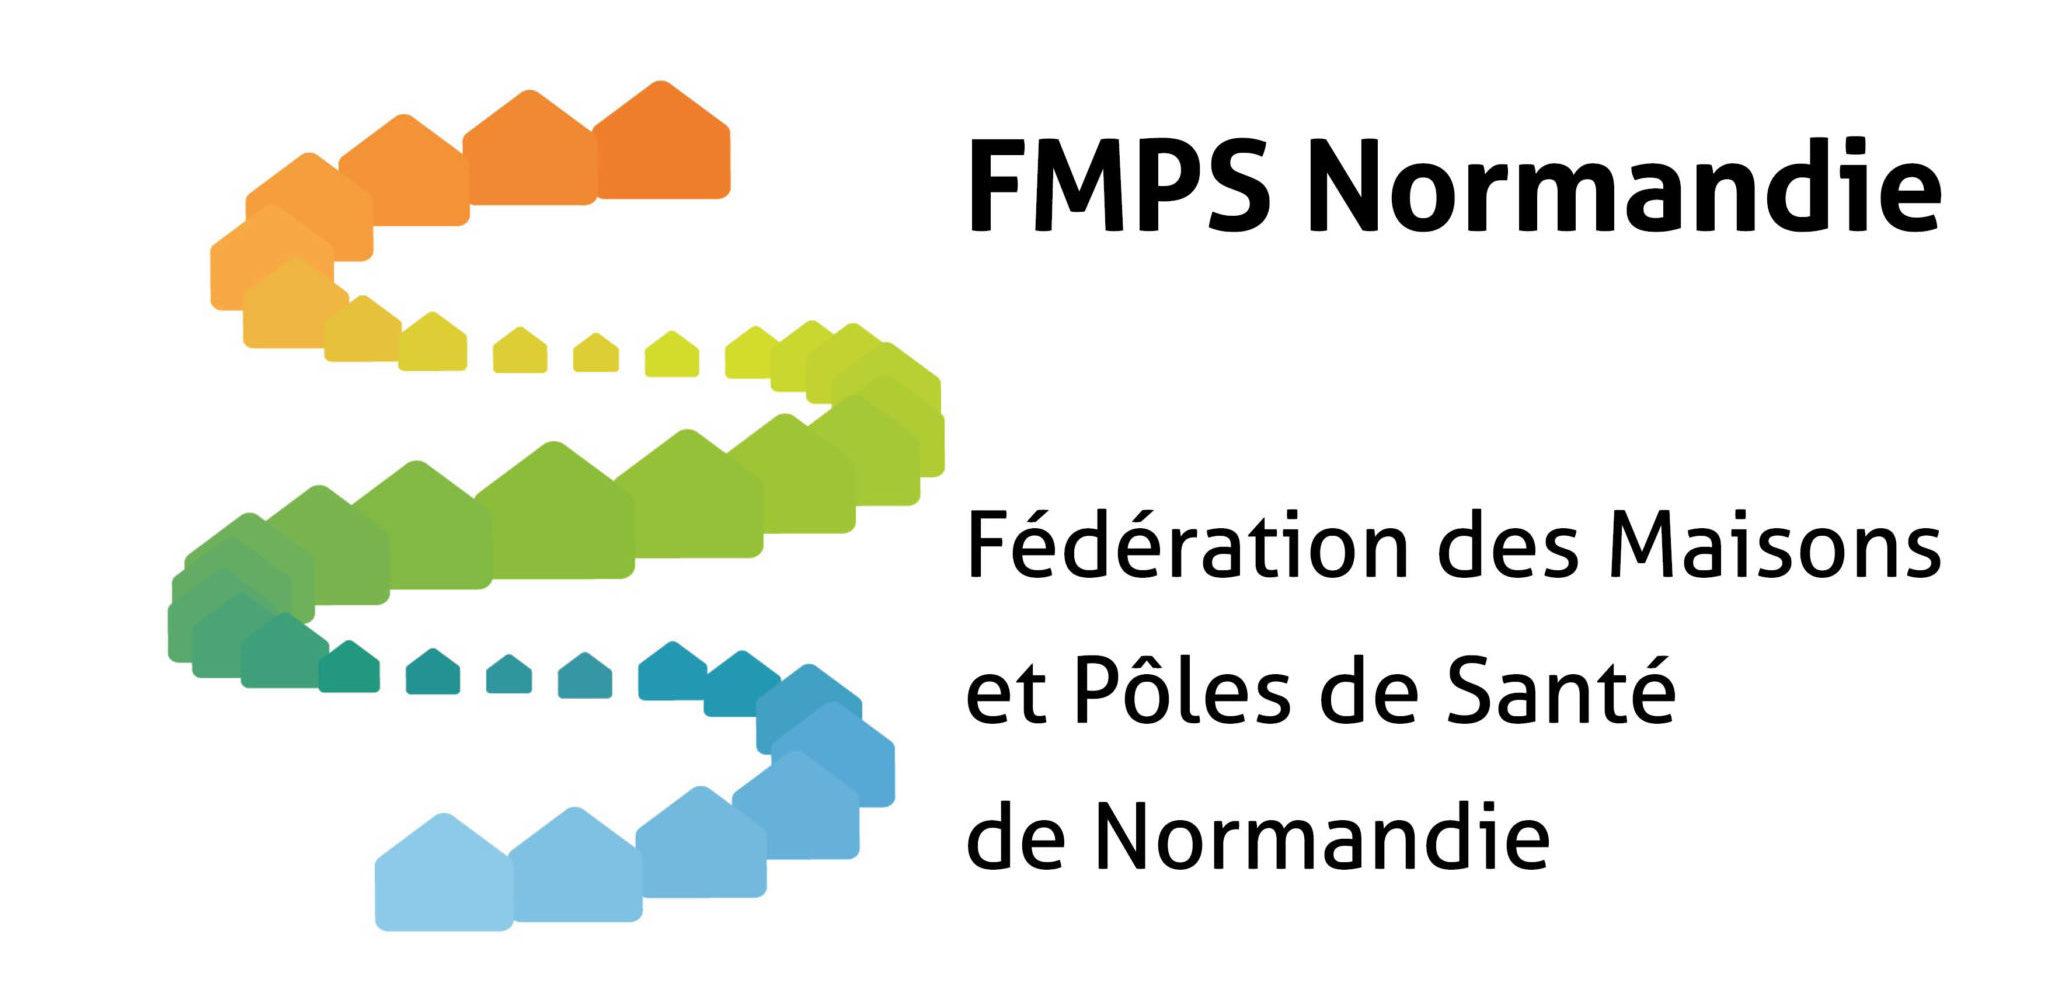 FMPS Normandie